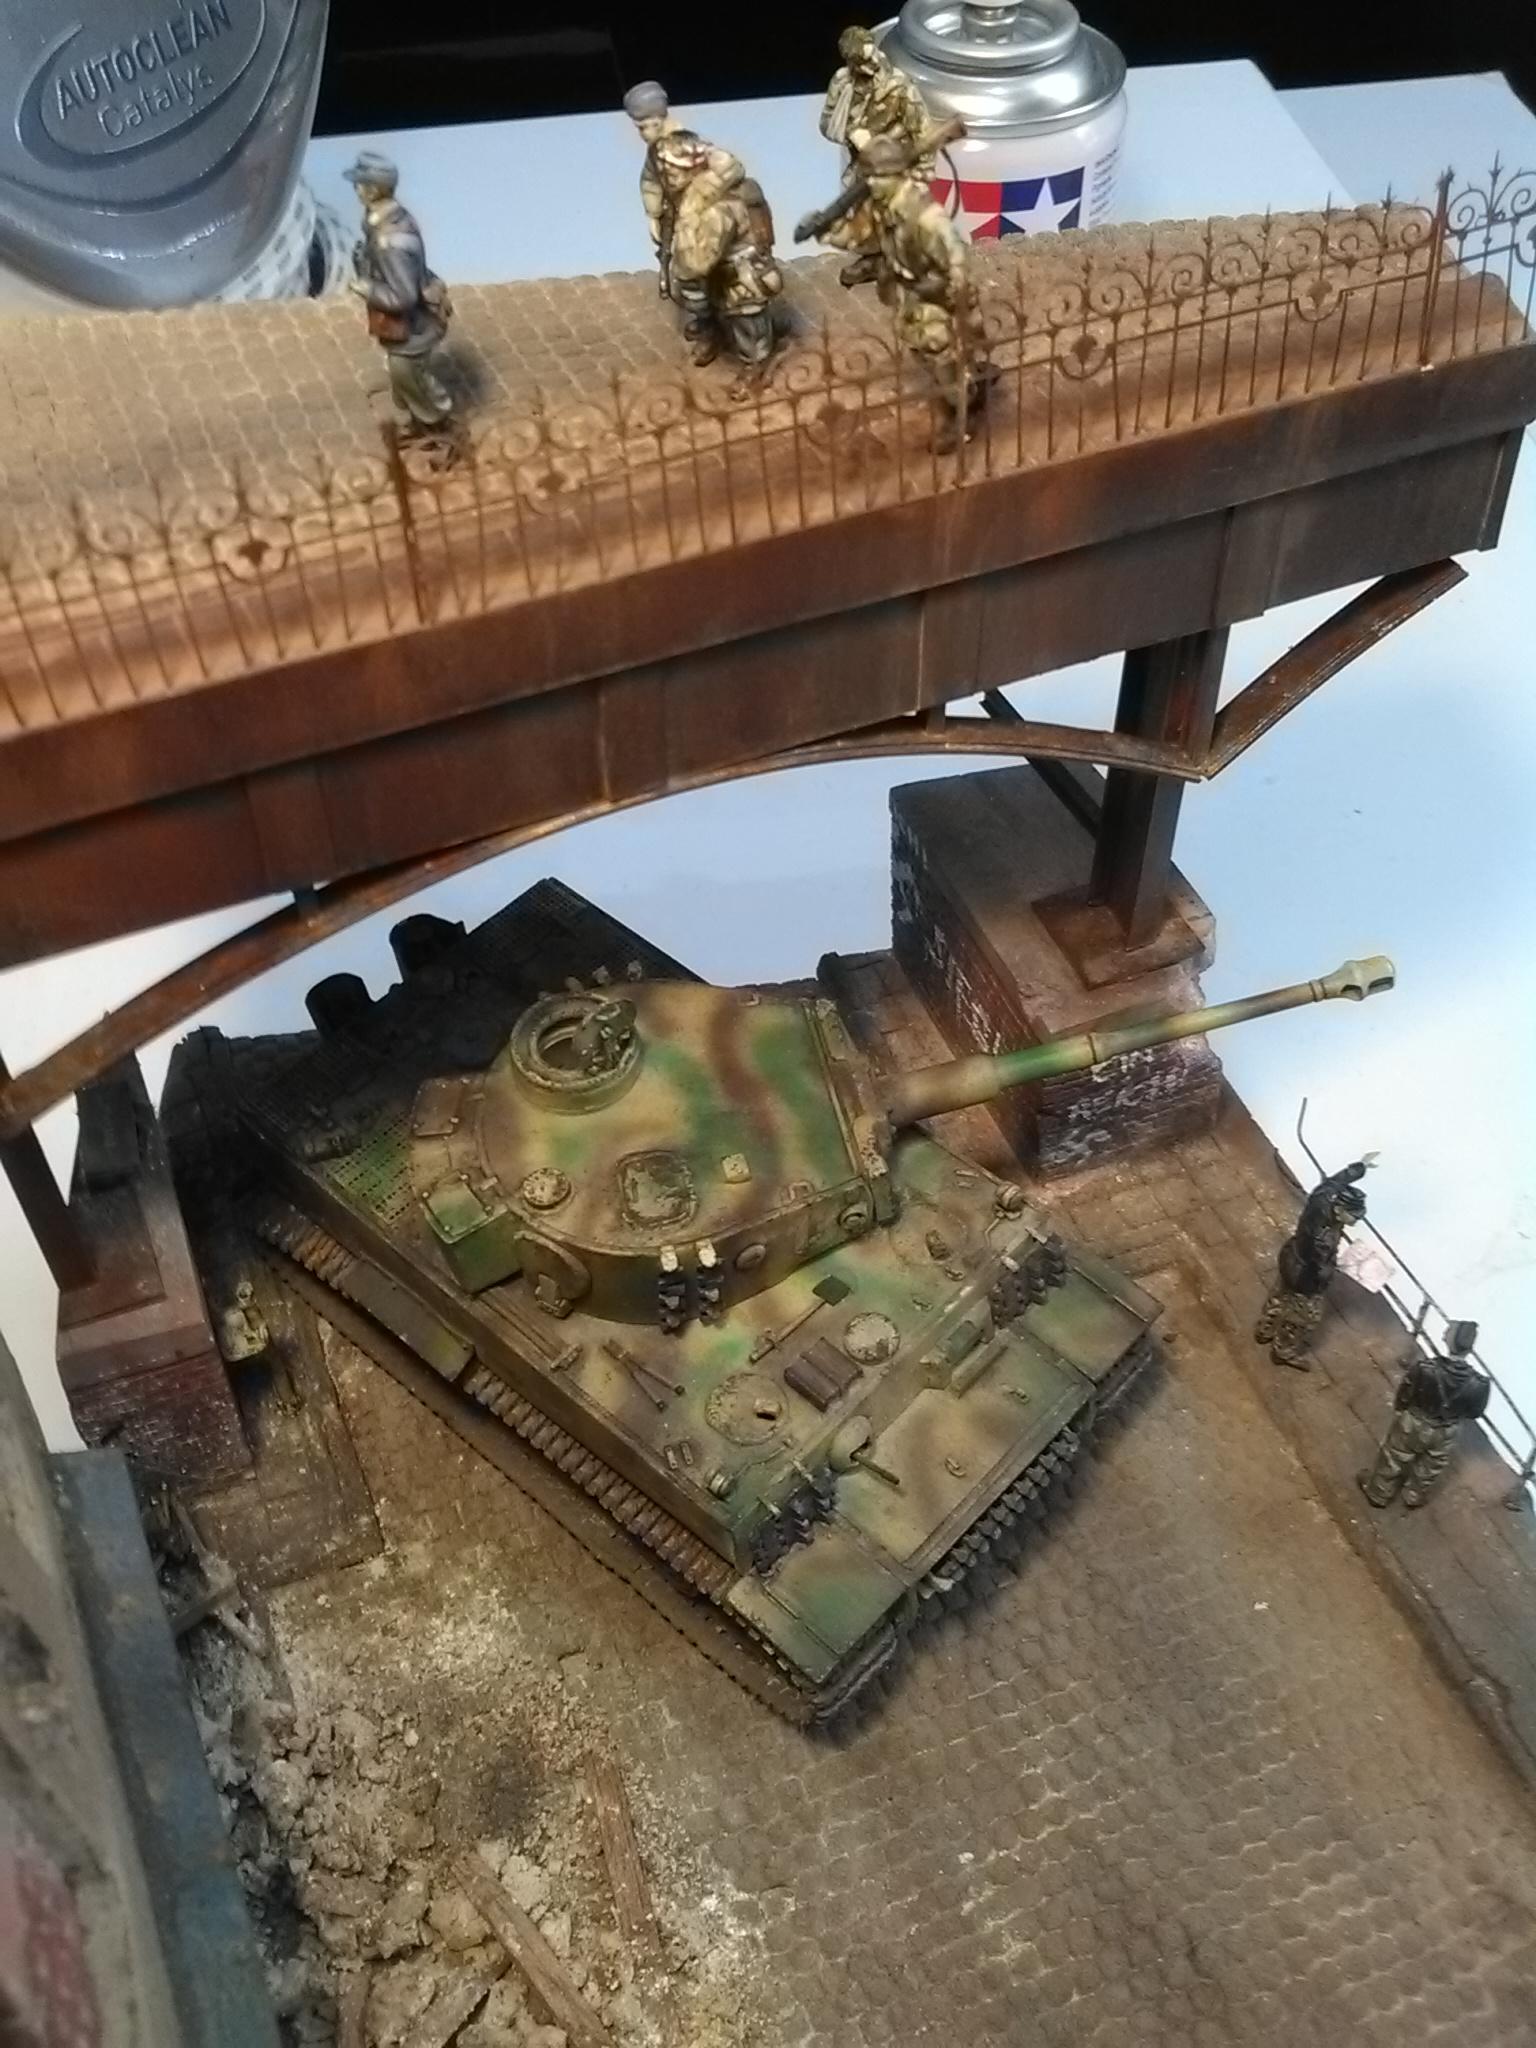 Le Survivant 1/72 - (Tigre 1 Allemagne 1945) - Page 3 IMG_20180610_184321